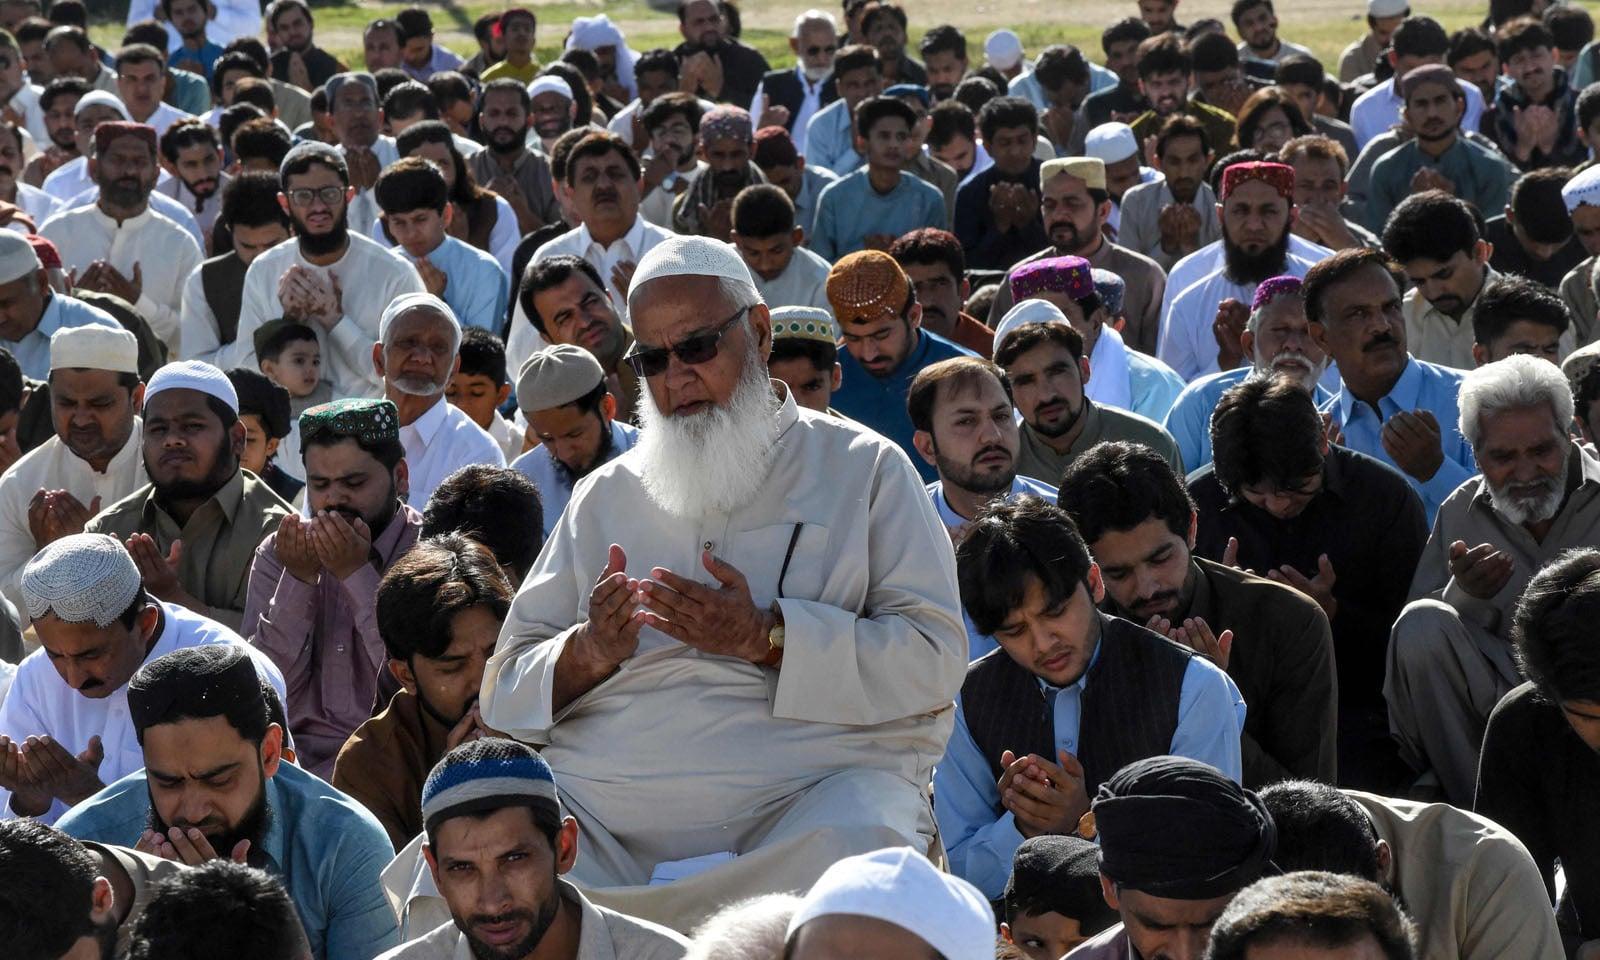 لوگوں نے اپنے رب کے حضور رمضان المبارک میں کی جانے والی عبادات کی قبولیت کے لئے دعائیں مانگیں —فوٹو/ اے ایف پی